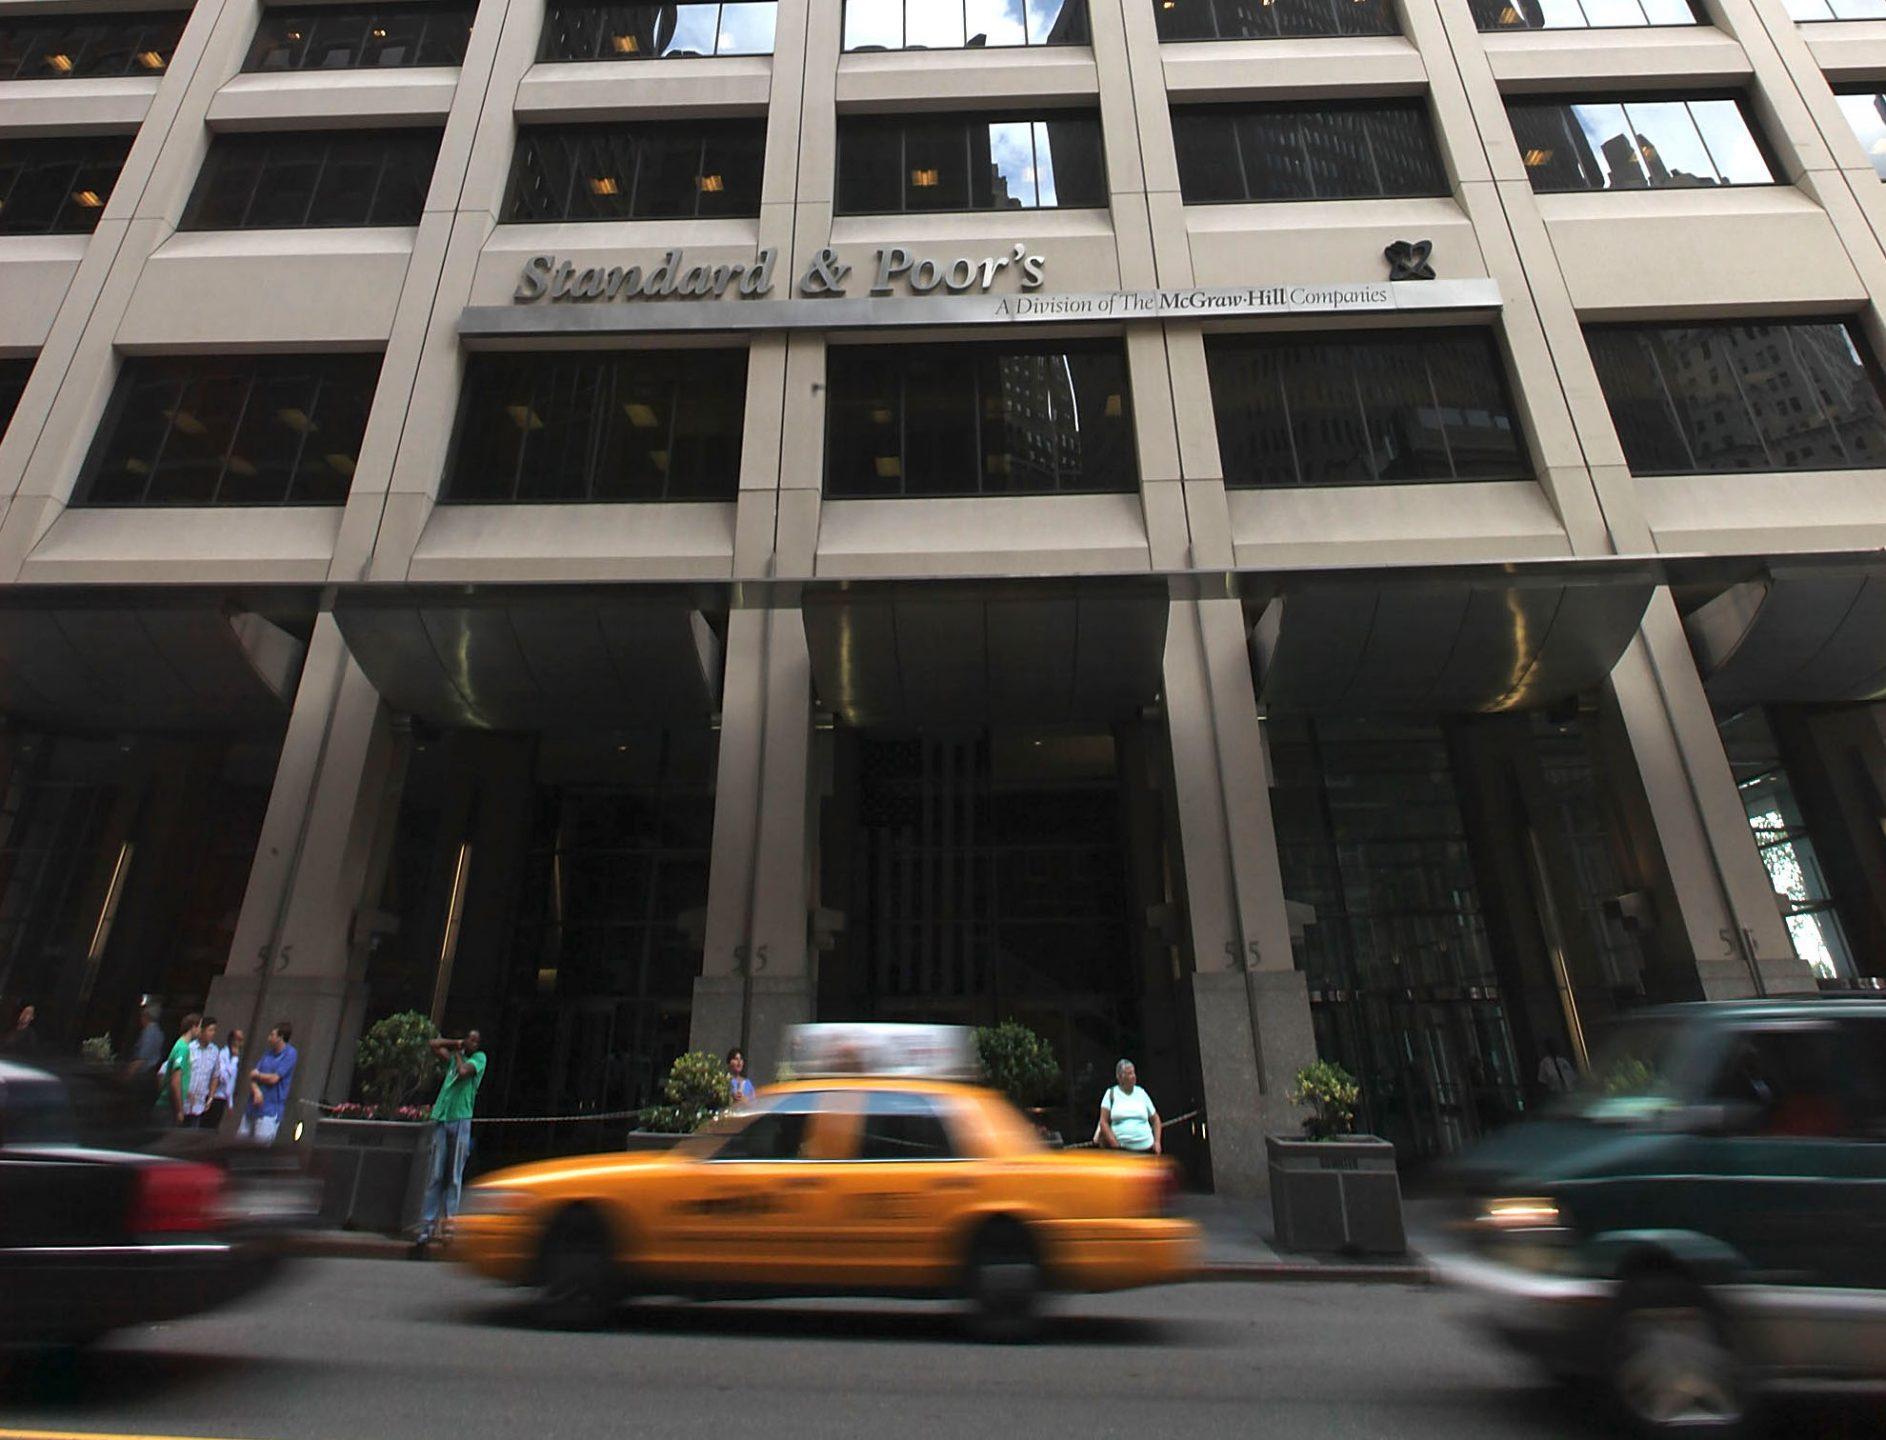 La sede di Standard & Poor's a New York, attesa per il giudizio sul rating italia